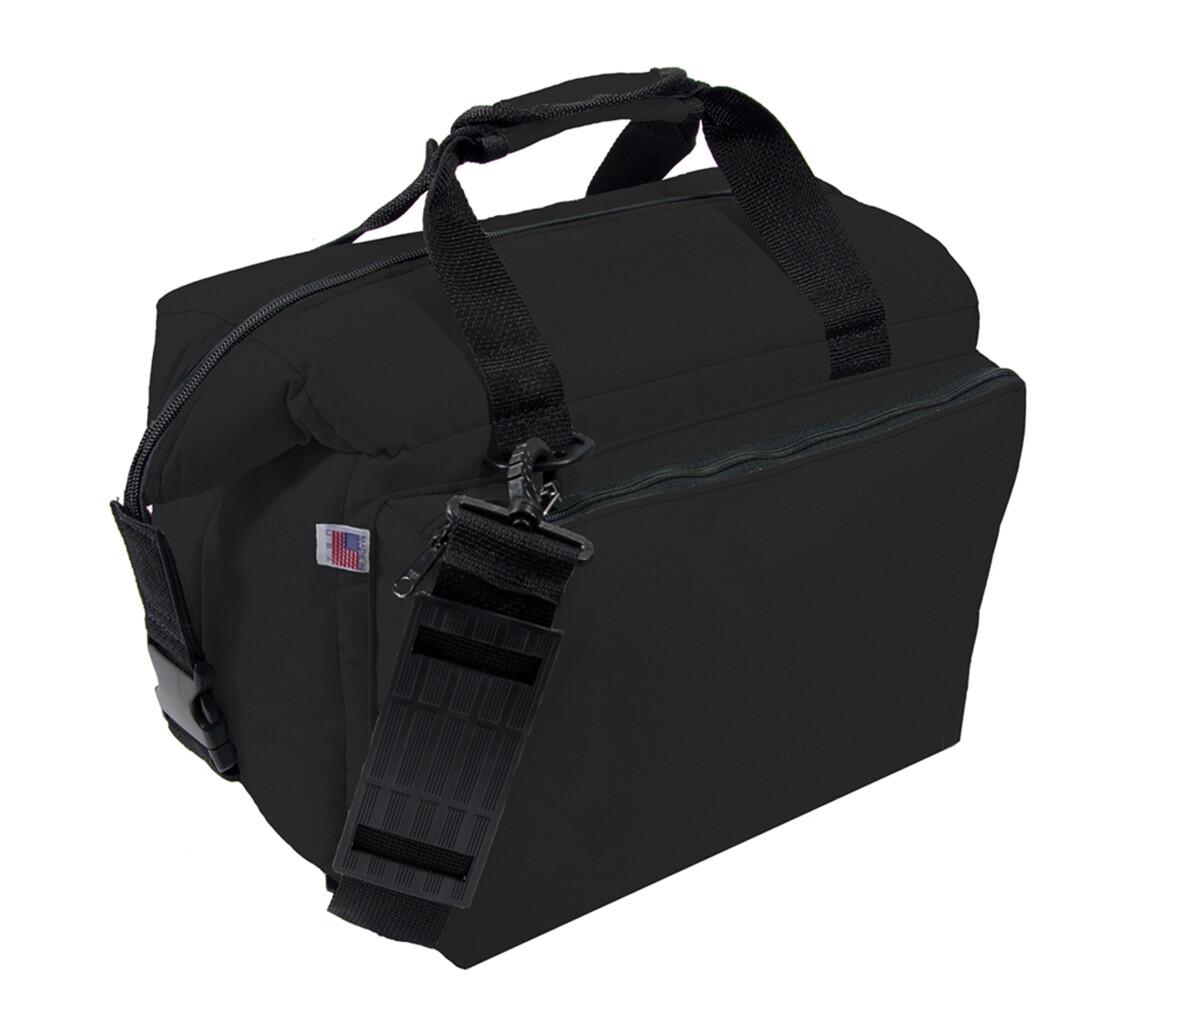 18 Pak Executive Cooler